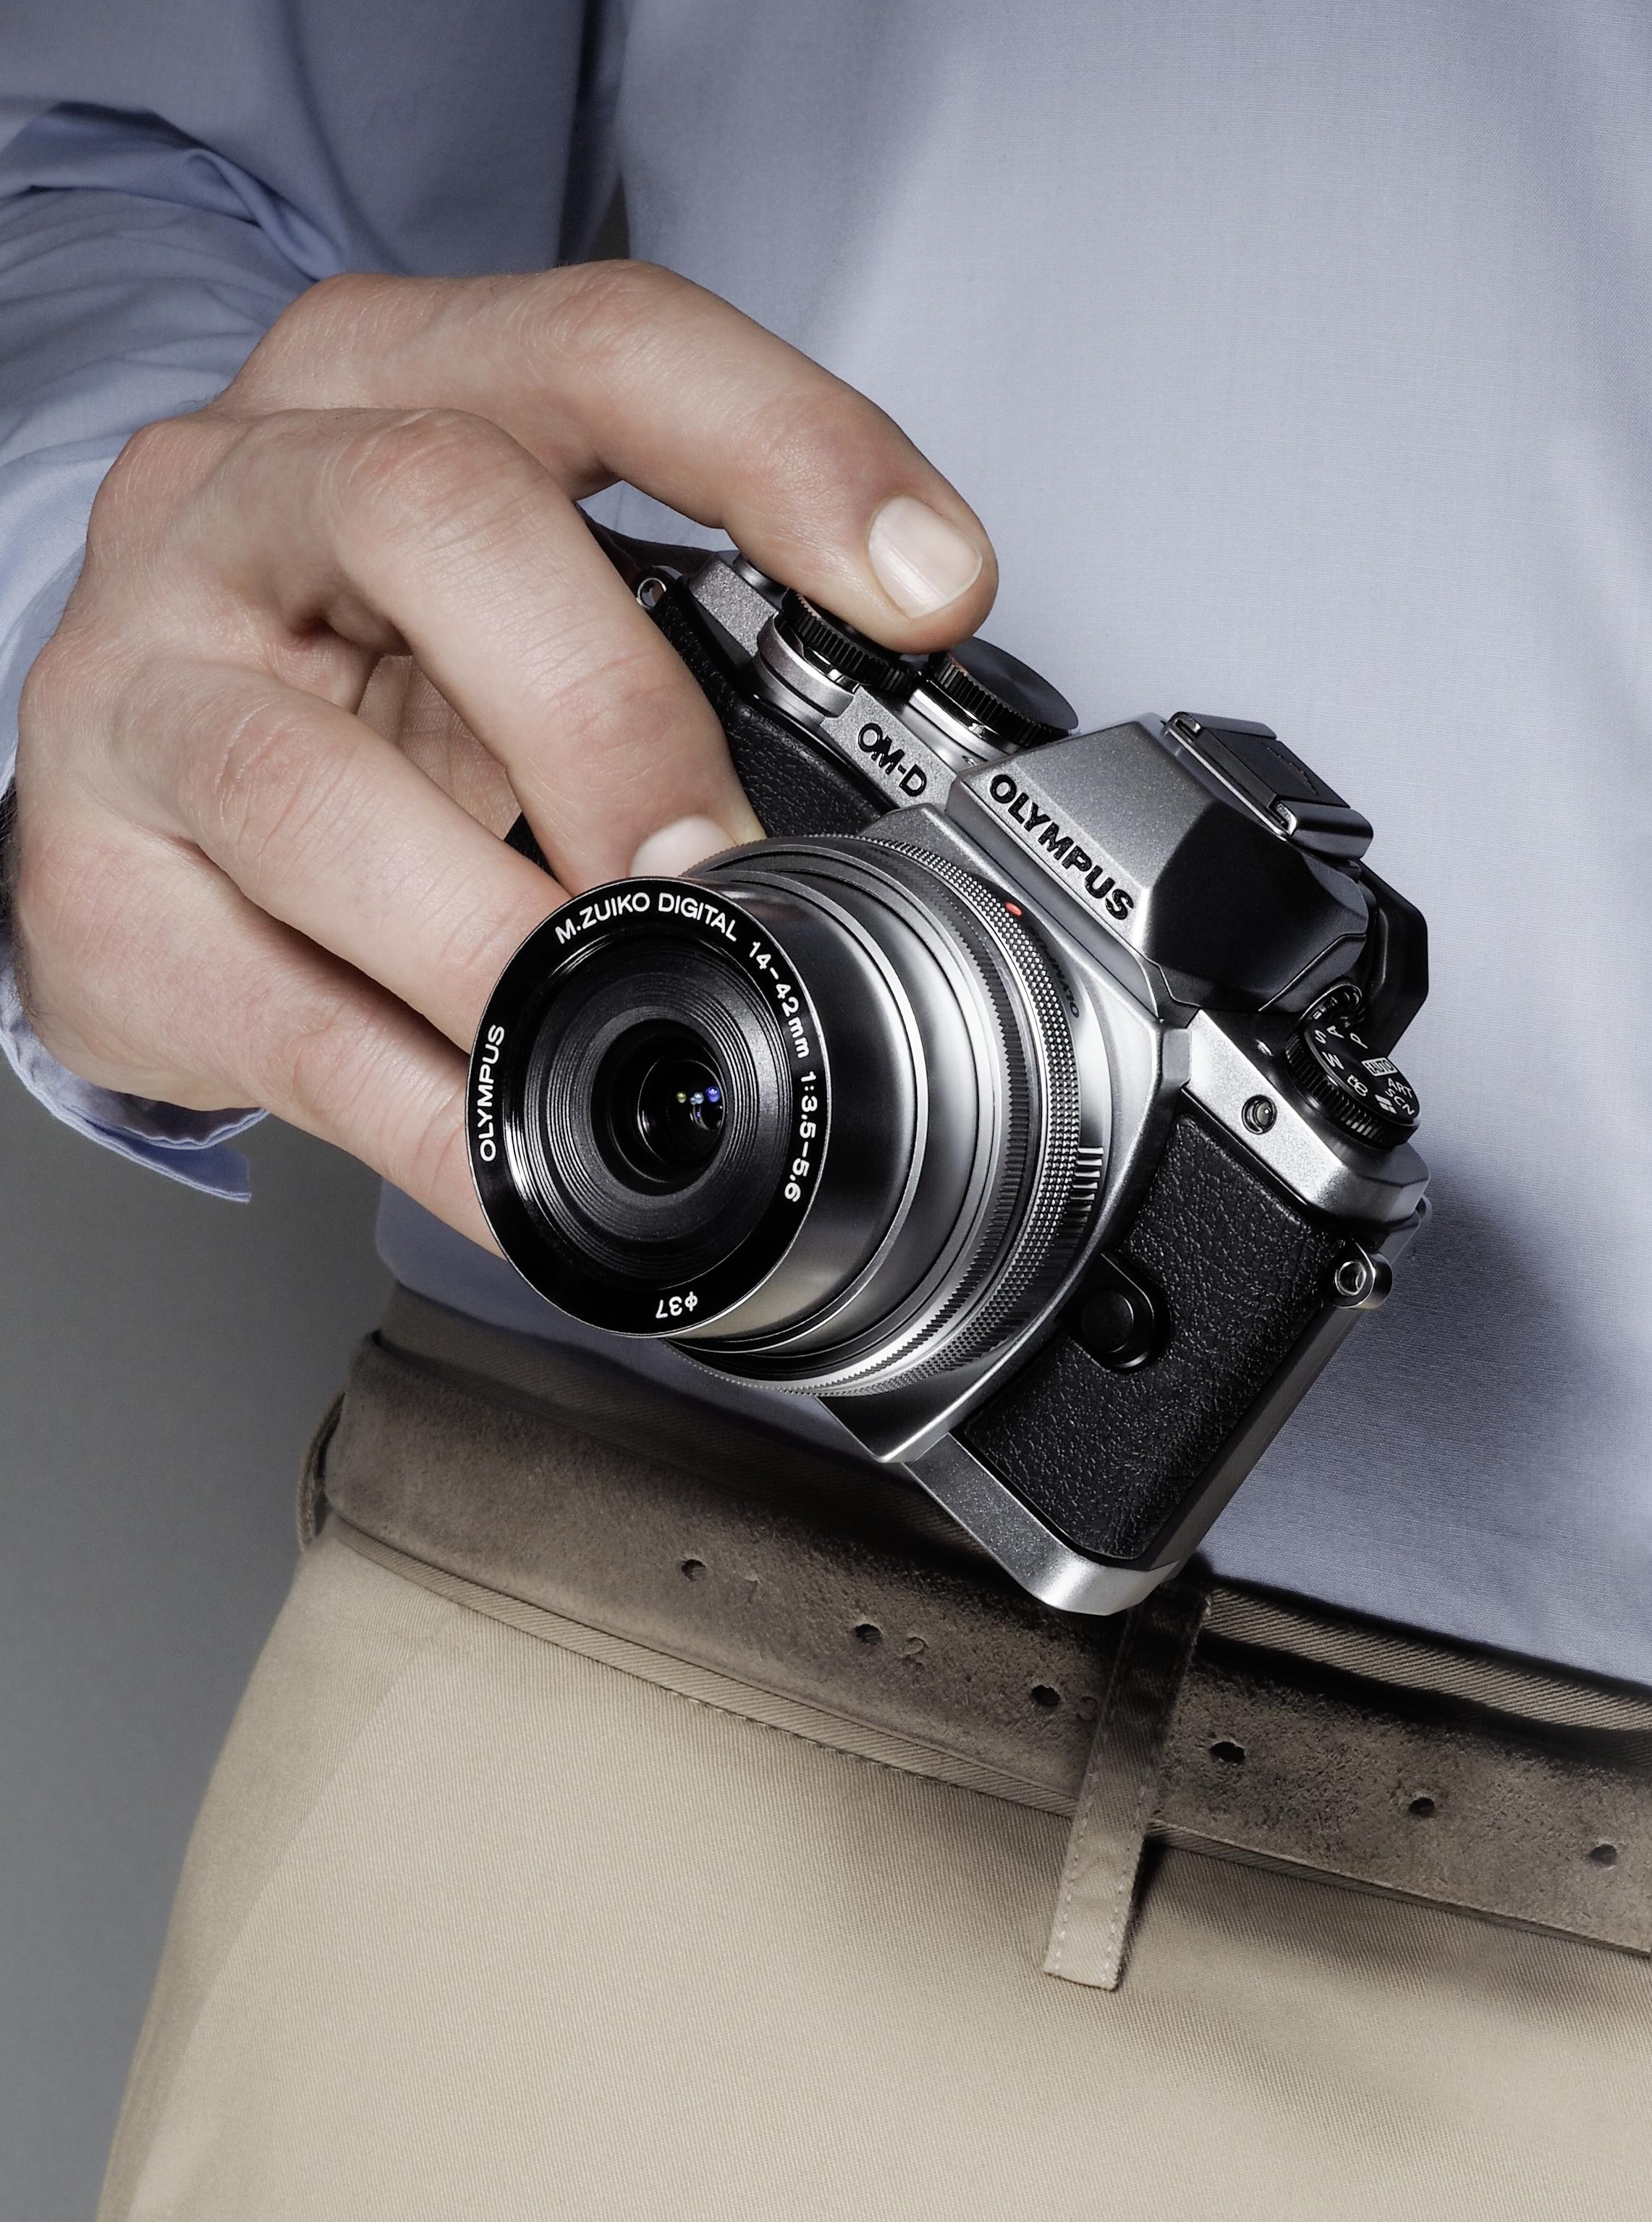 фотоаппарат олимпус инструкция 3,2 мегапикселя